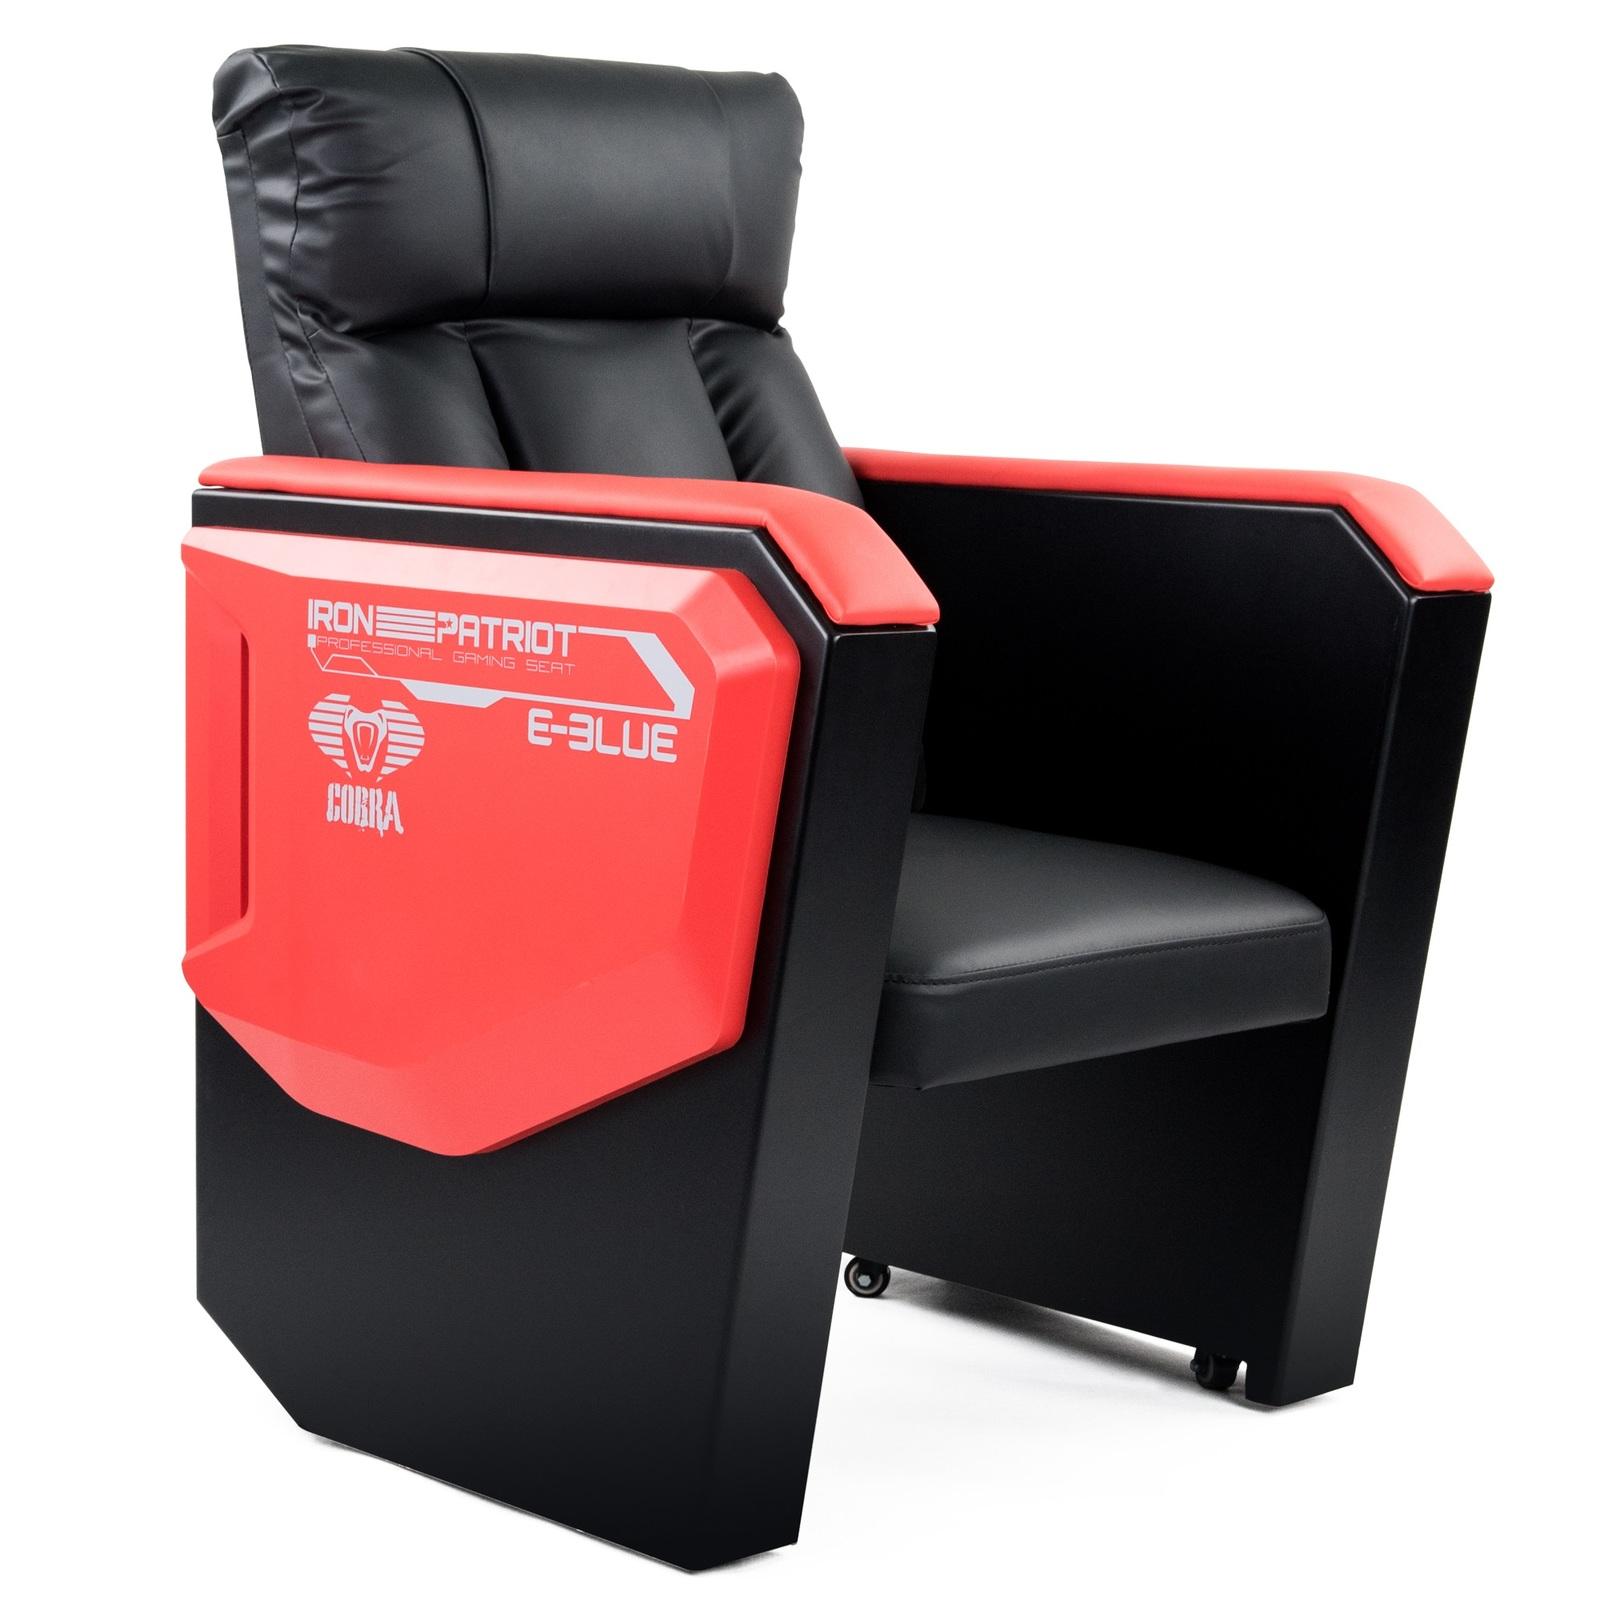 E-Blue Cobra Gaming Sofa for  image